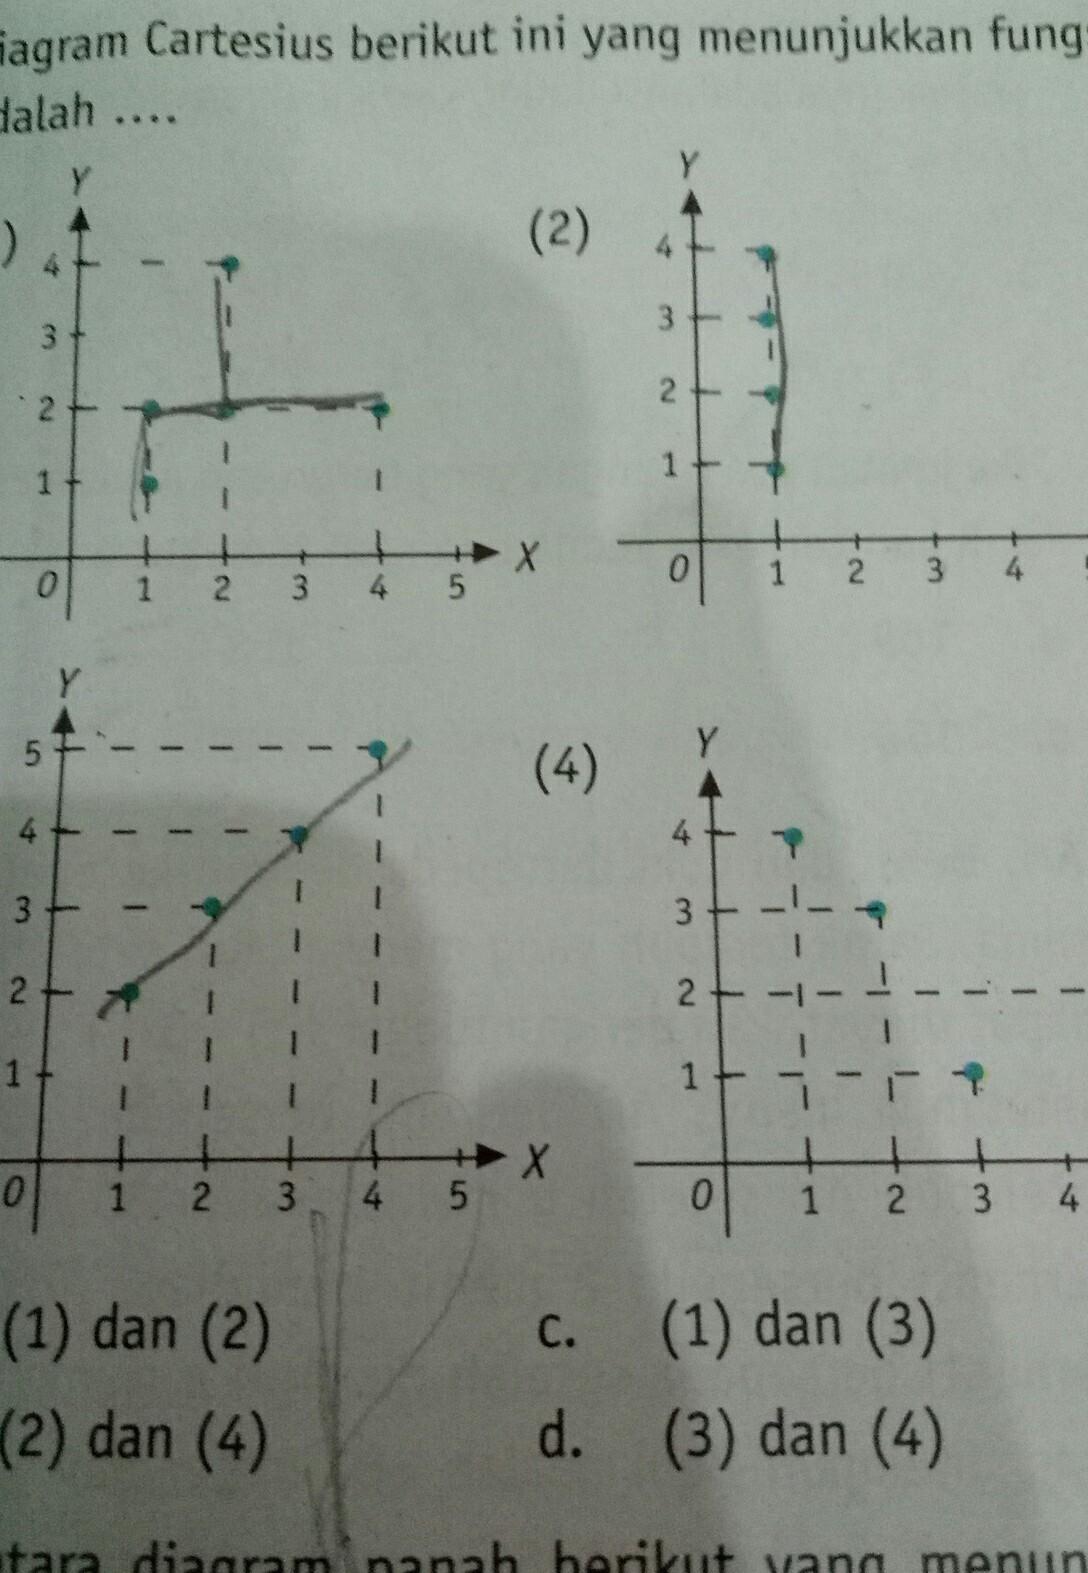 Diagram cartesius berikut ini yang menunjukkan fungsi adalah diagram cartesius berikut ini yang menunjukkan fungsi adalah ccuart Images